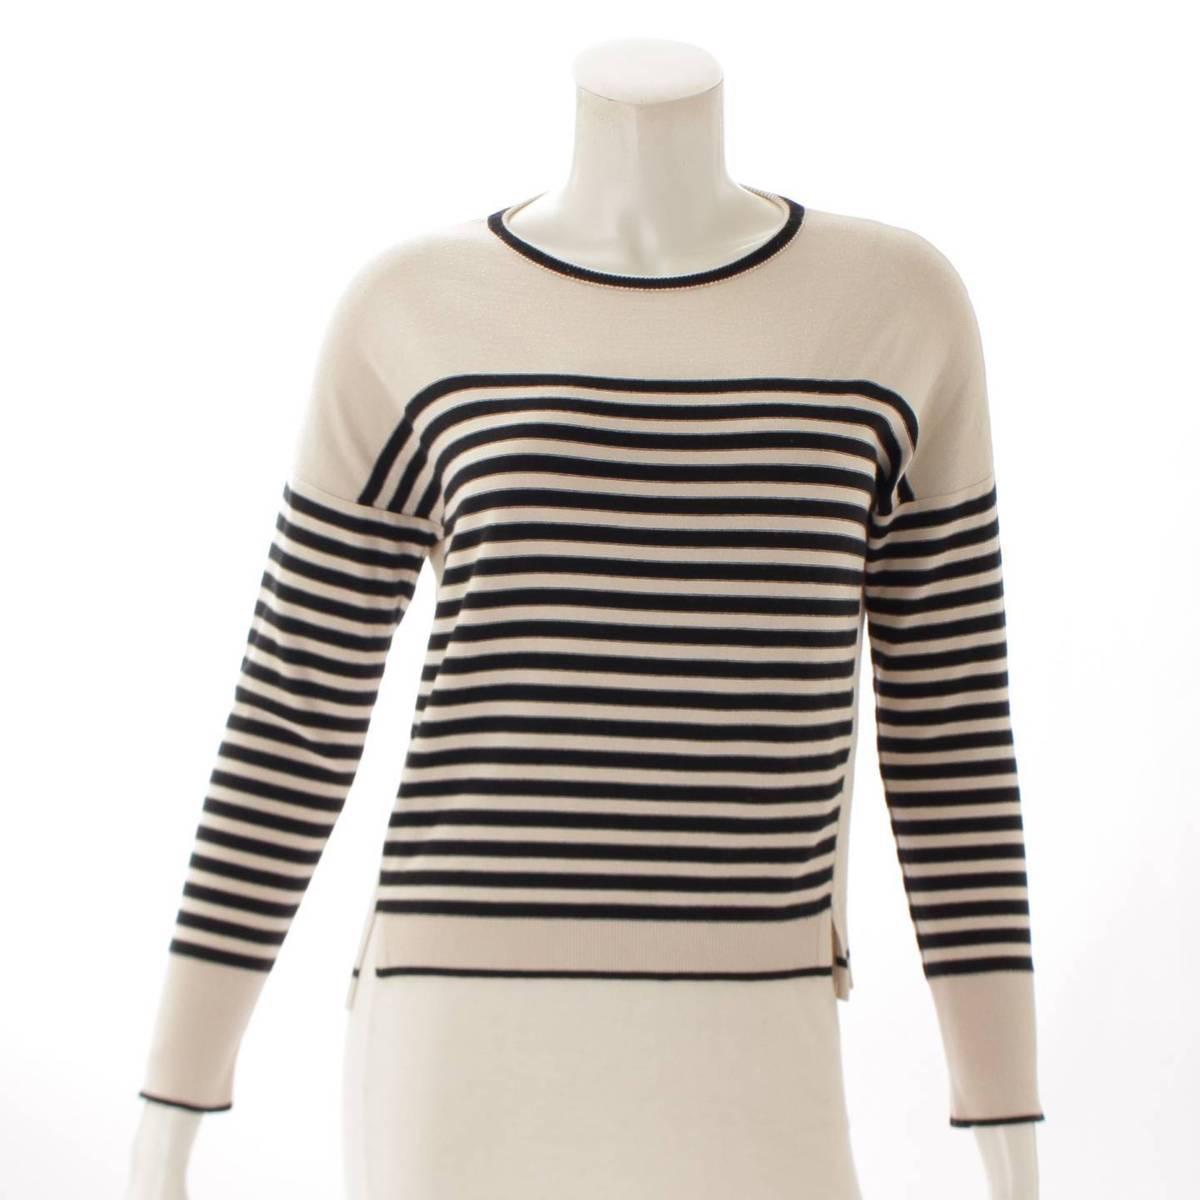 【フォクシー】Foxey Sweater Parisien Cecile ボーダー 長袖 トップス 35619 38 【中古】【鑑定済・正規品保証】90075